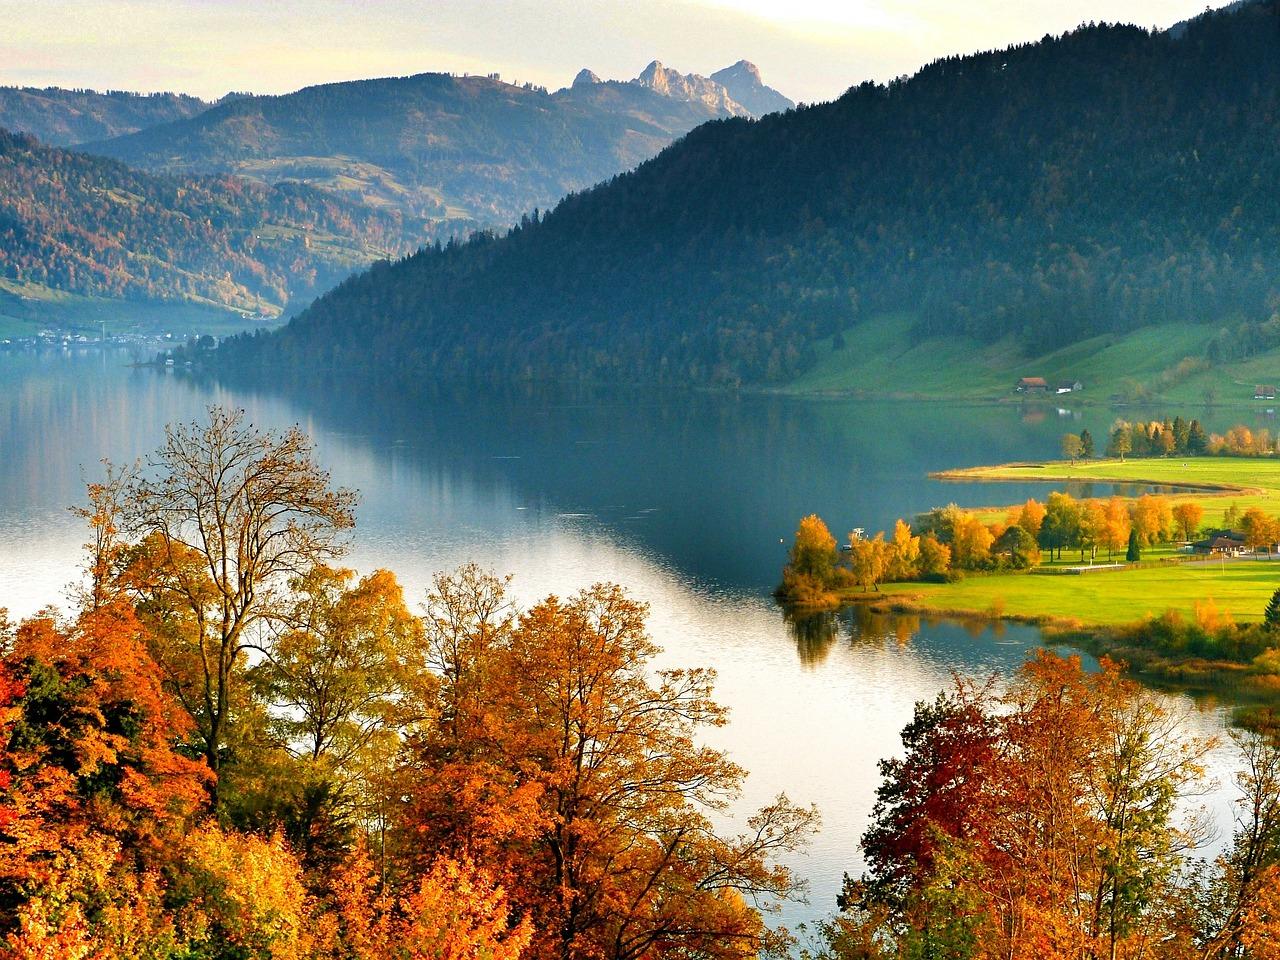 lake-360493_1280